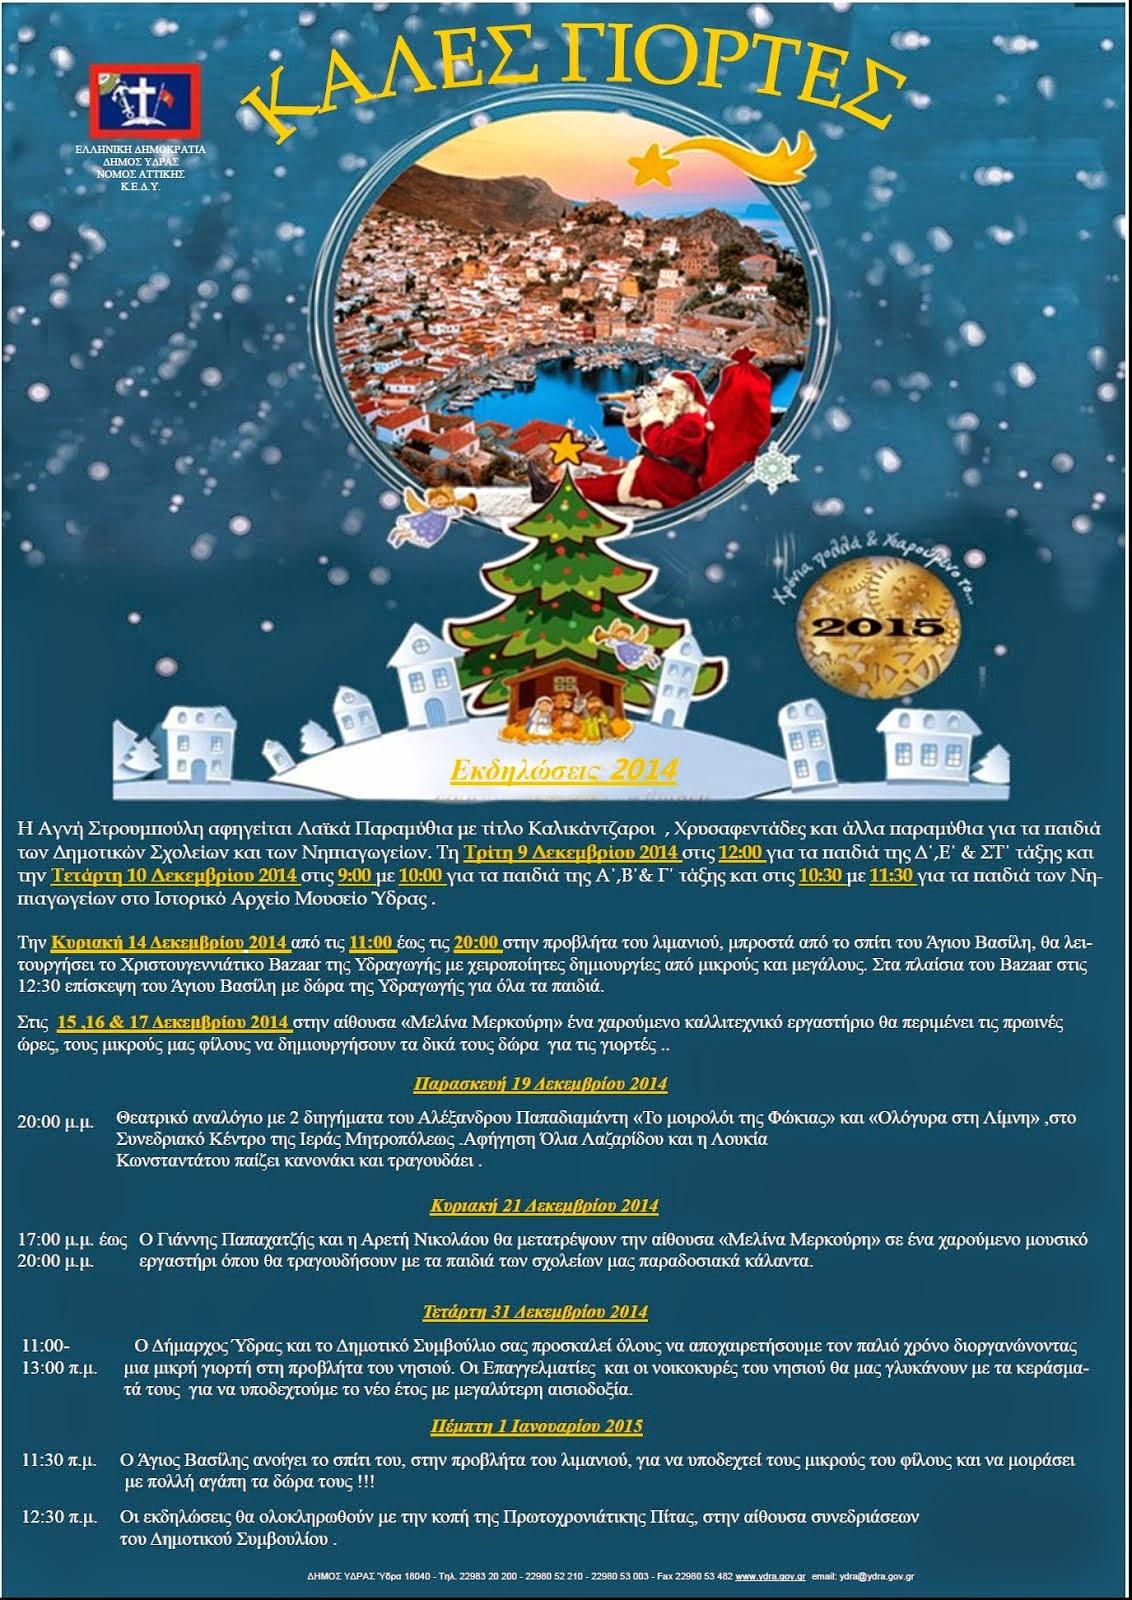 Δήμος Ύδρας: Πρόγραμμα Χριστουγέννων - Πρωτοχρονιάς